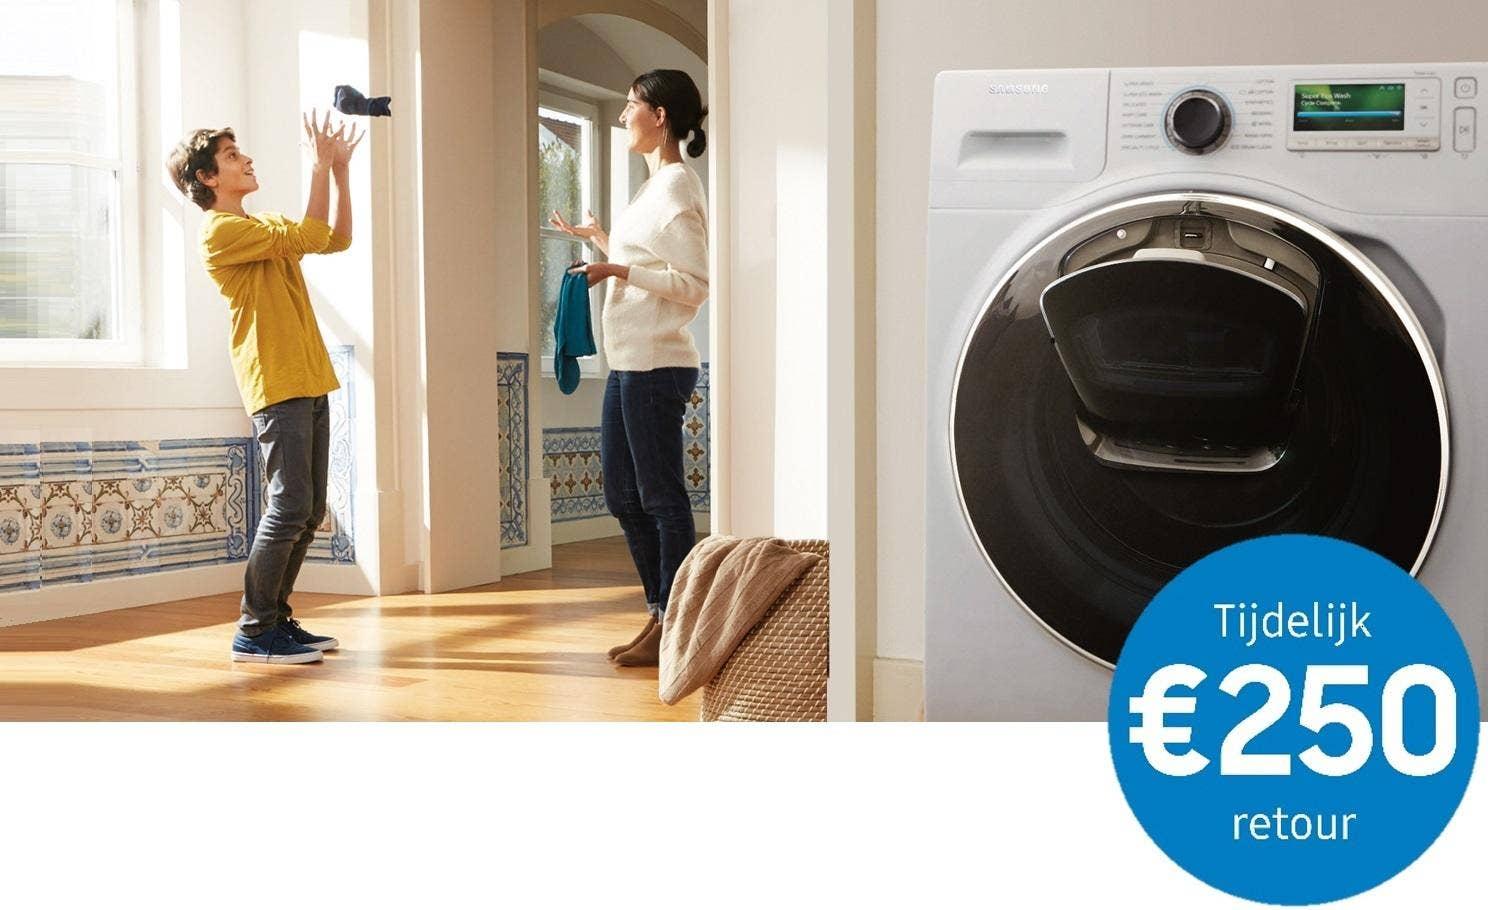 https://www.electroworld.nl/onze-merken/samsung/nu-bij-aankoop-van-een-samsung-addwash-wasmachine-tot-250-retour.html